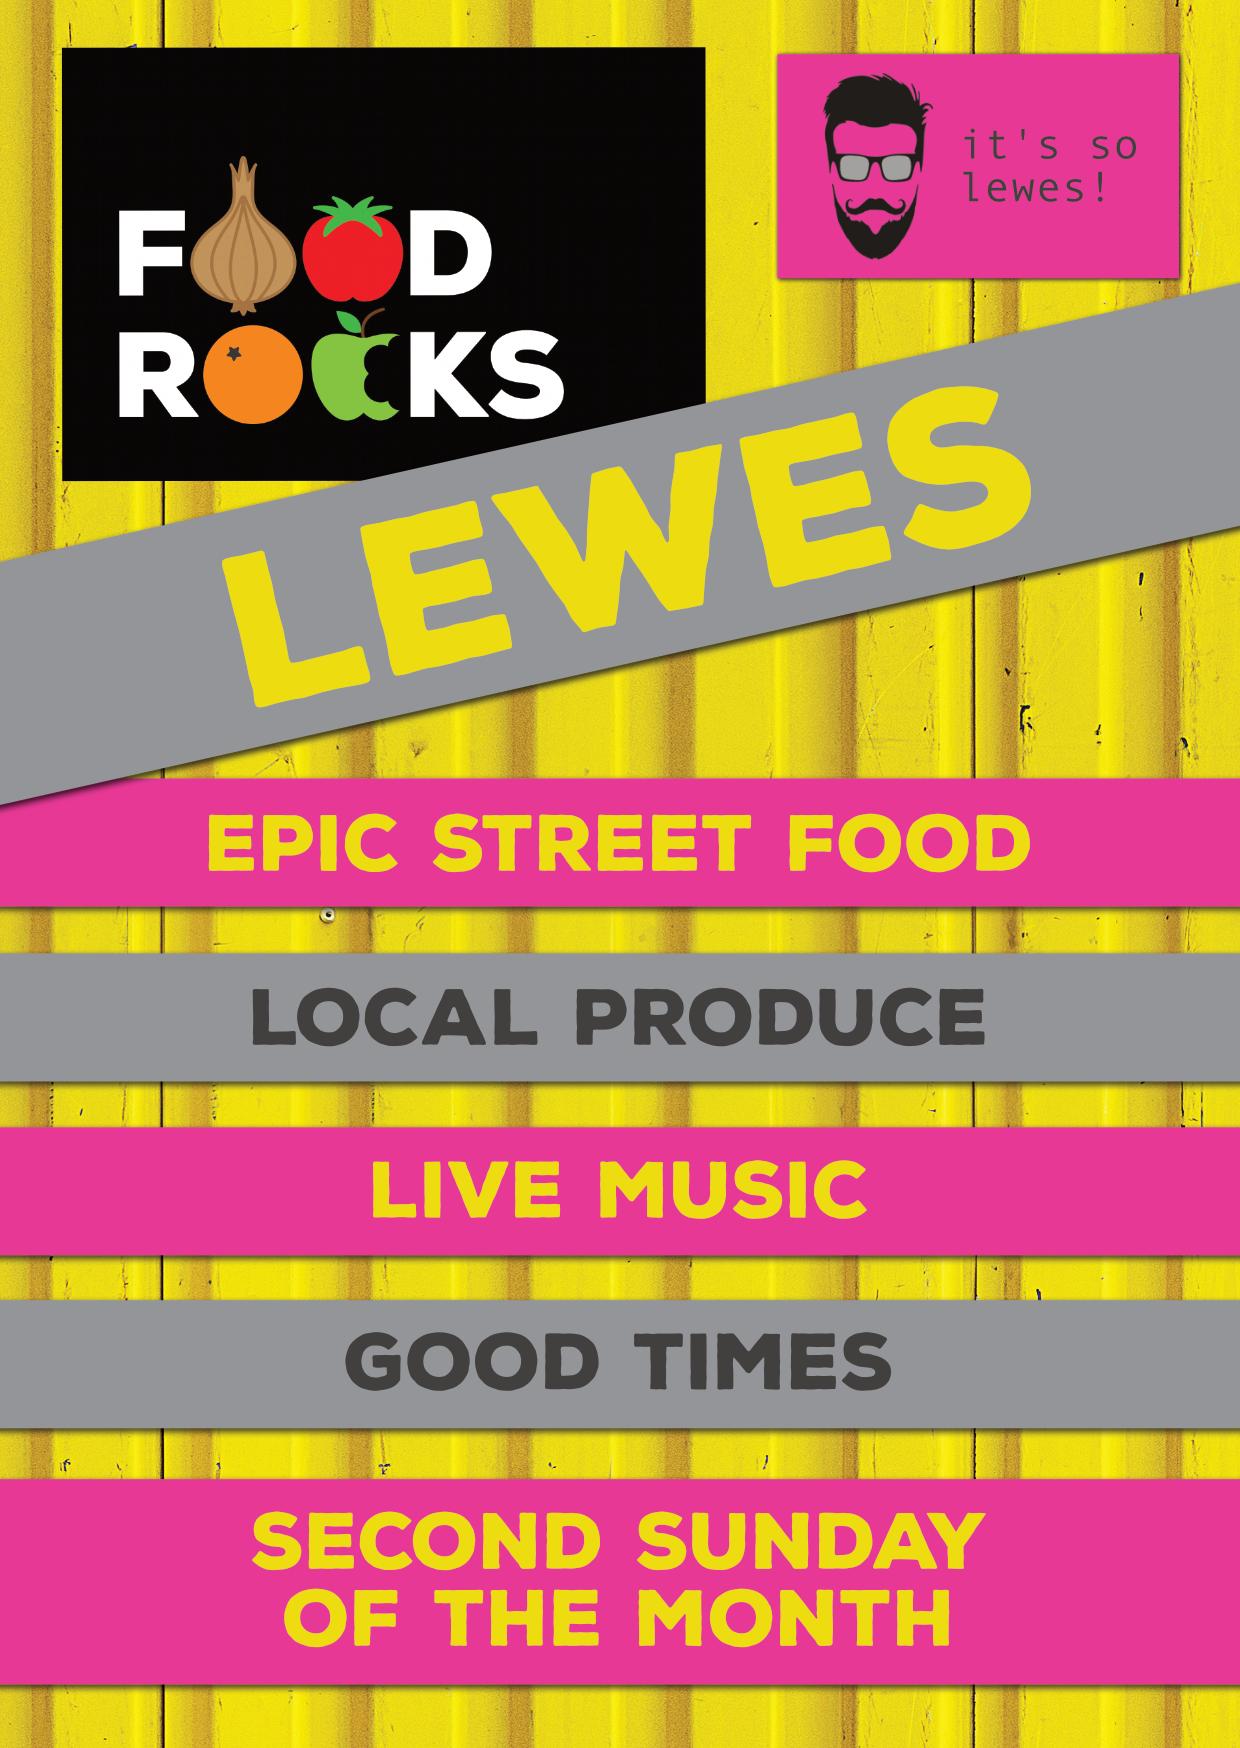 Food Rocks Lewes